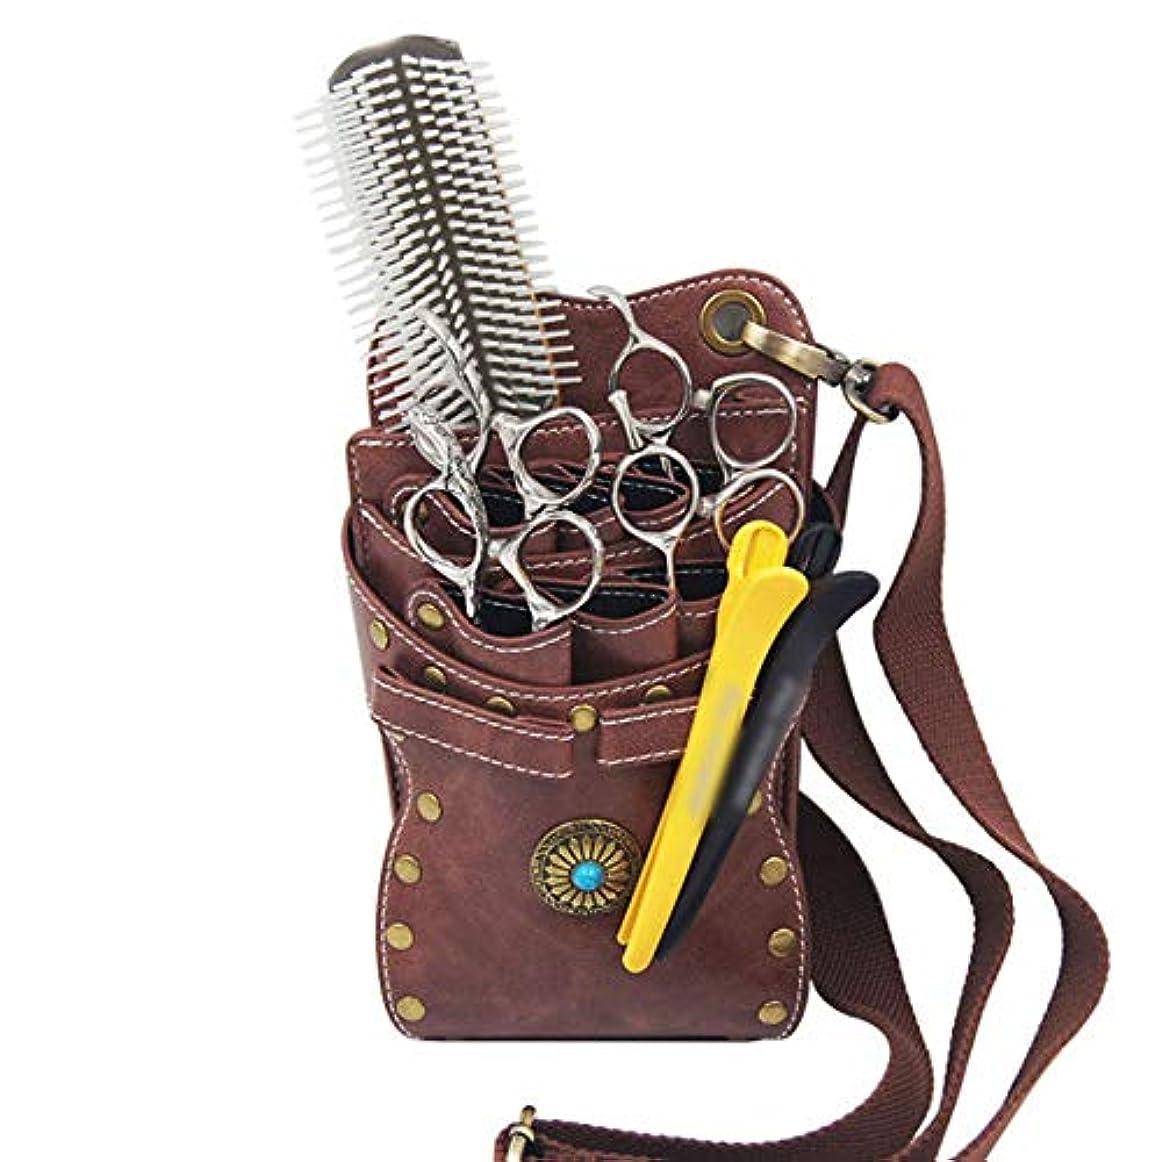 作成する教床を掃除するサロンはさみケースバッグベルト美容師ツールバッグ革理髪はさみホルダー、 ヘアケア (色 : ブラウン)